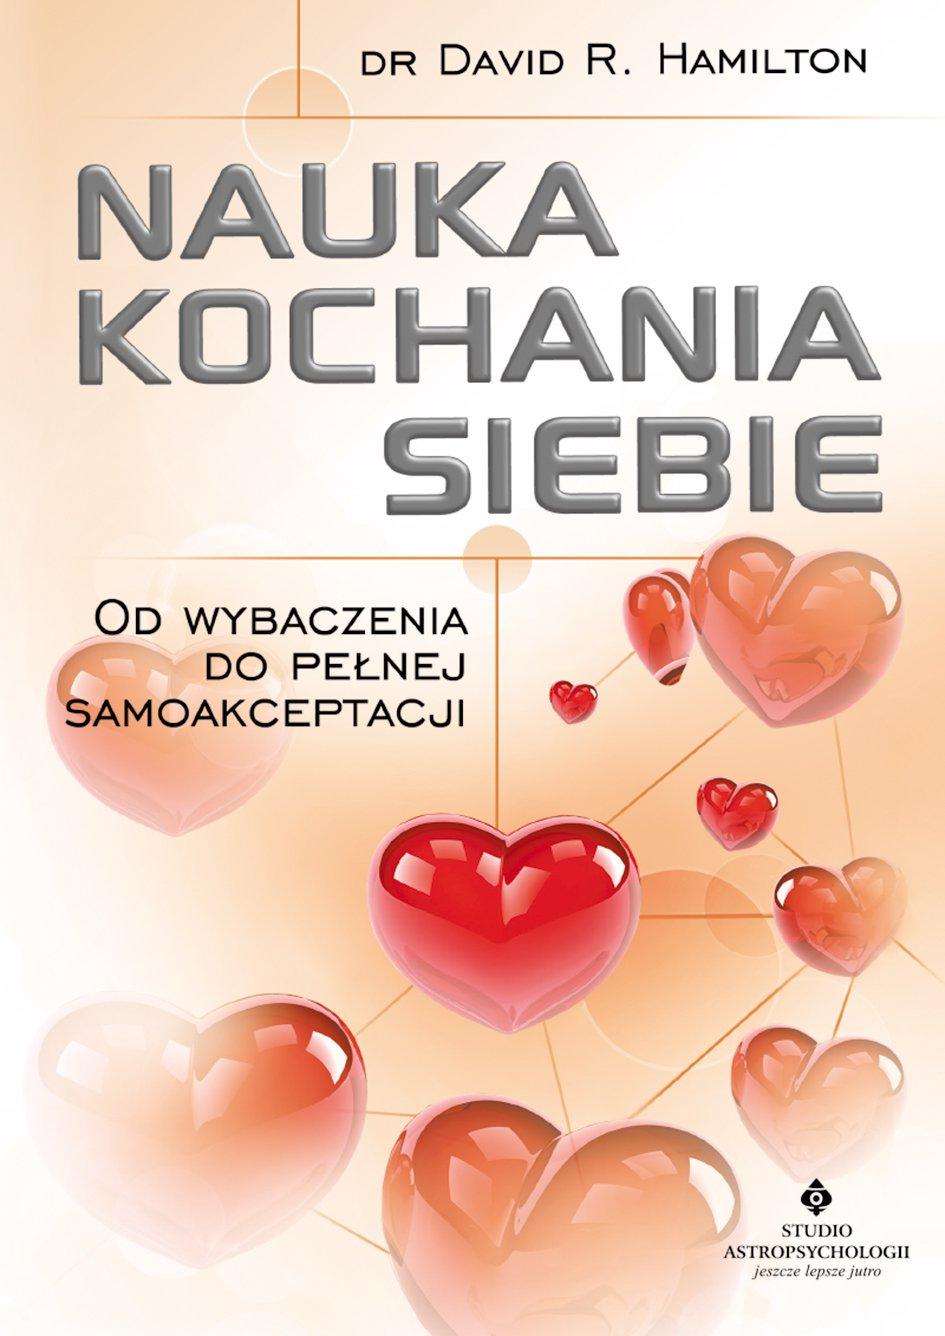 Nauka kochania siebie. Od wybaczenia do pełnej samoakceptacji - Ebook (Książka EPUB) do pobrania w formacie EPUB